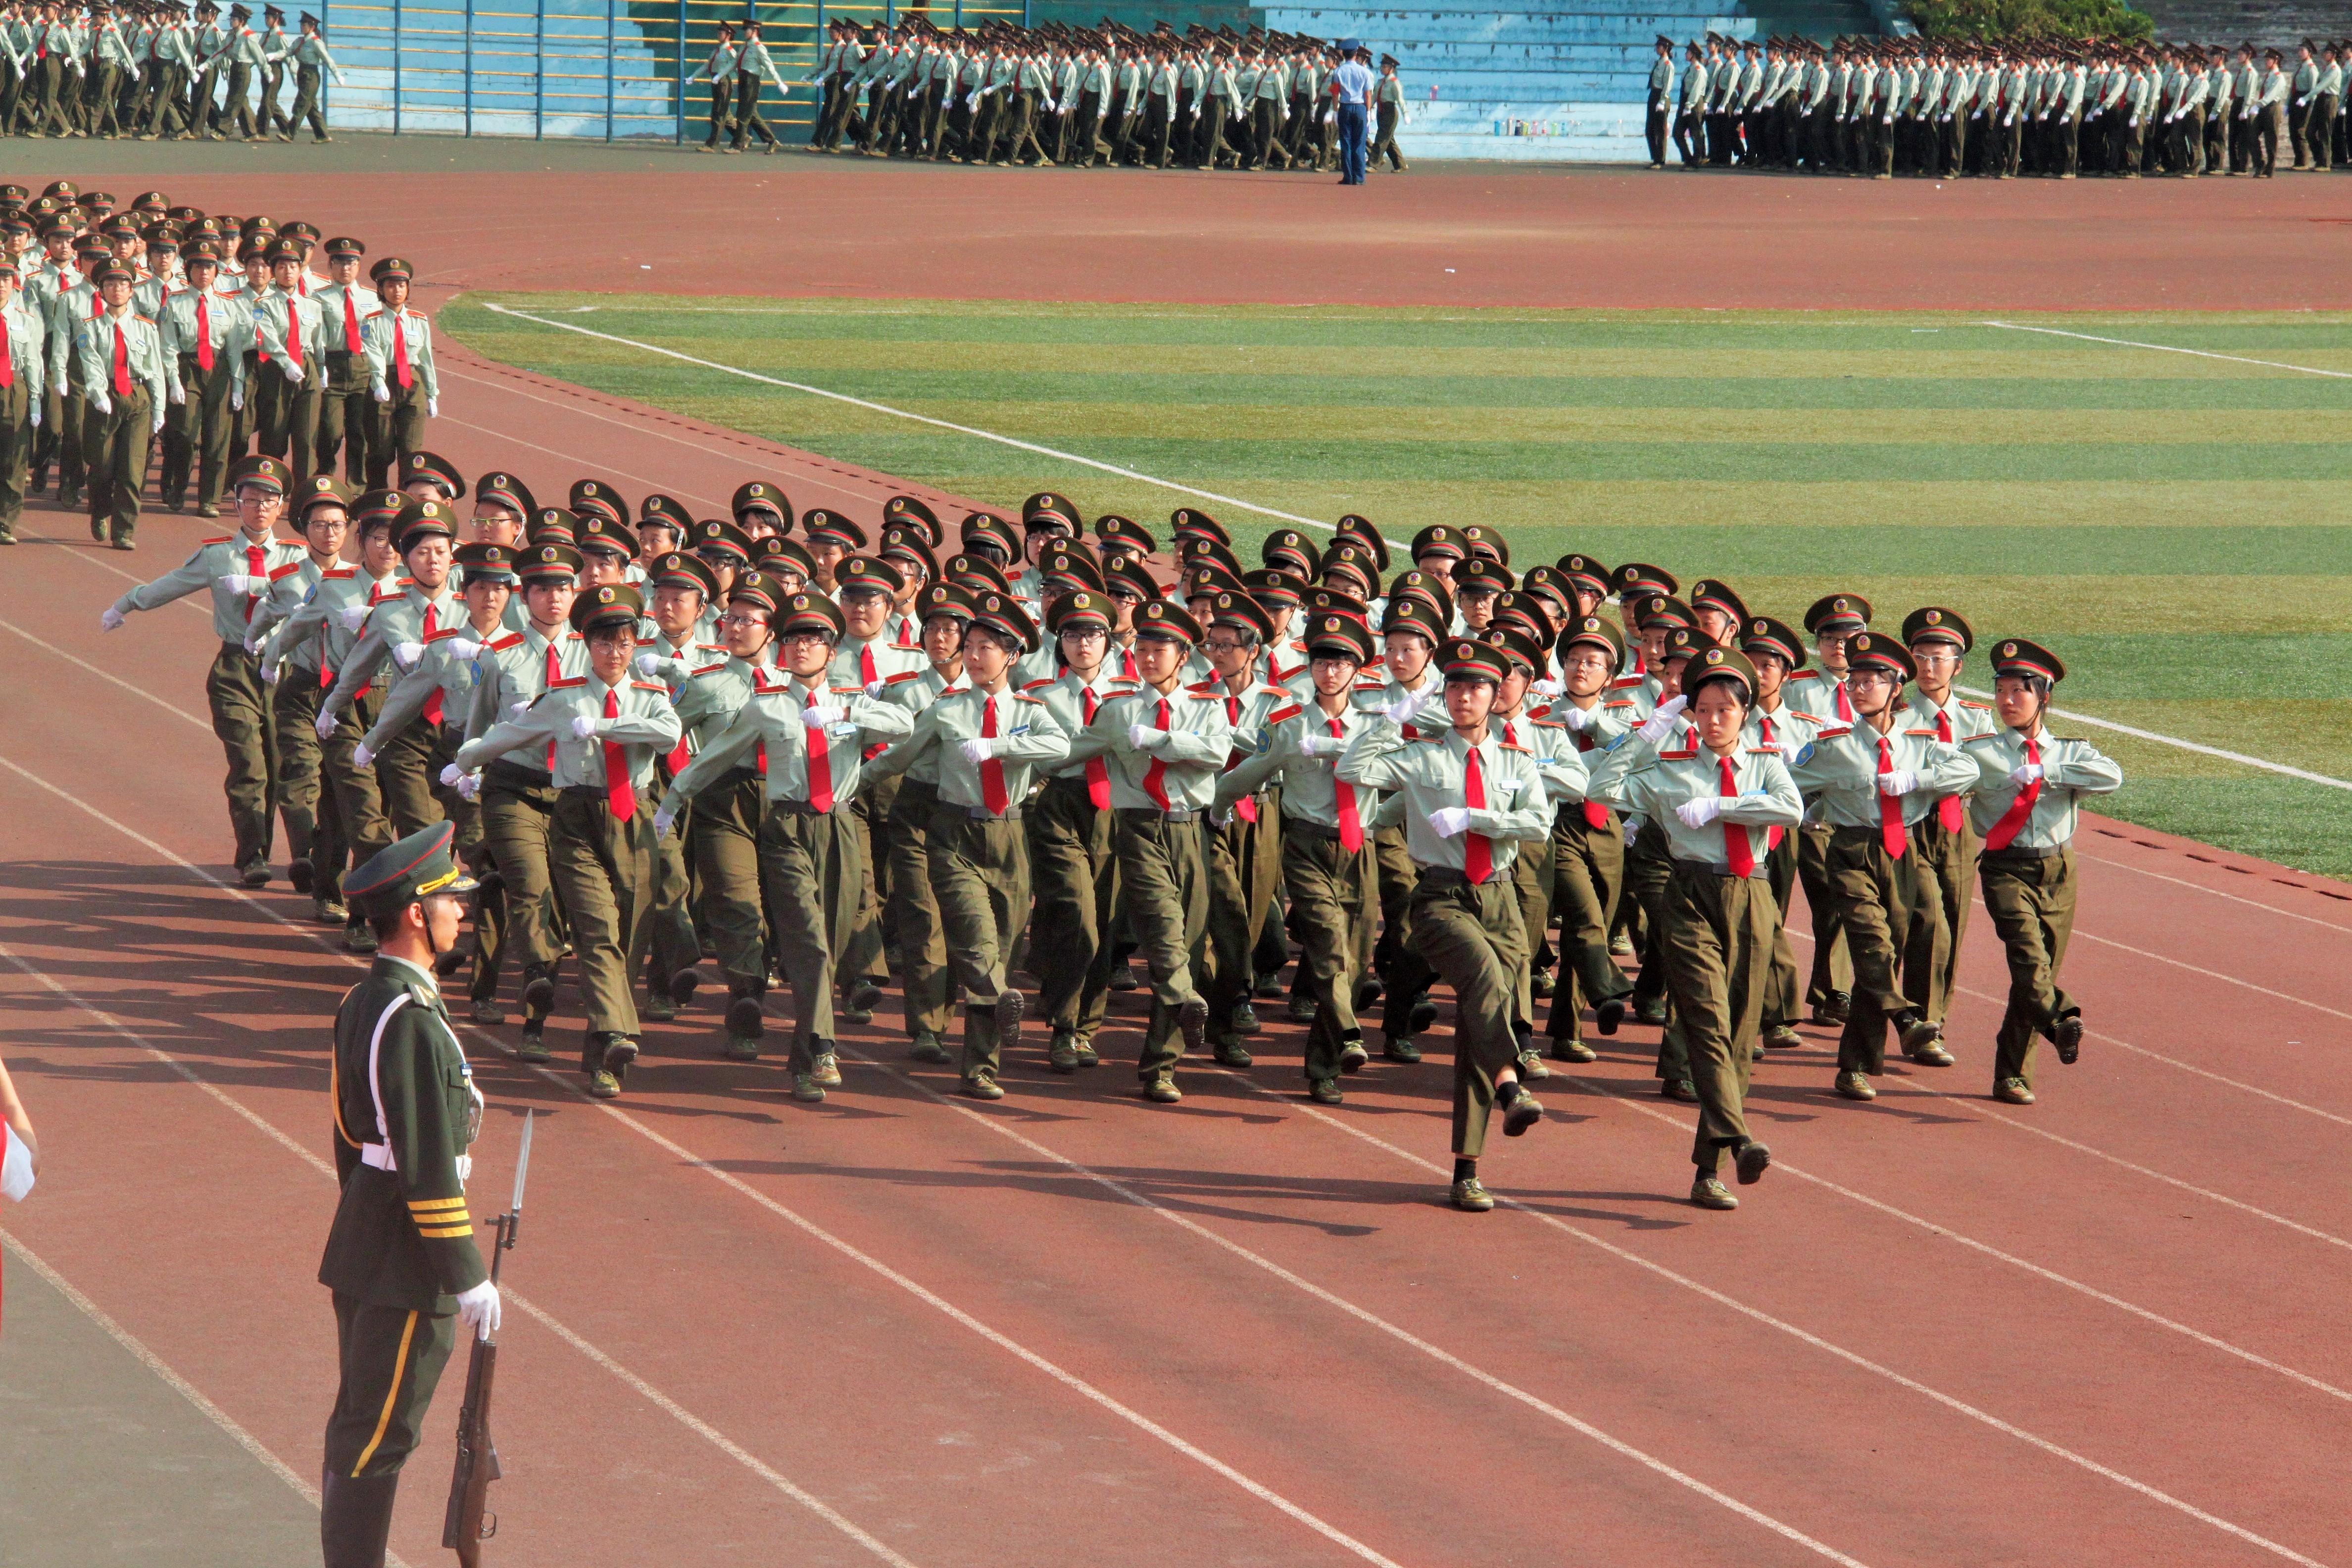 大会第二项为分列式表演。各学院方队按照营连顺序,依次通过主席台。隶属3营18连的城环学院新生,由150名女生组成两个方队。她们全体身着军训正装,头戴军帽,在标兵的带领下,踏着音乐的节奏,齐步走到主席台前,随后标兵一声令下,成员们迅速将齐步走变为正步走,只见全体成员英姿飒爽,步伐整齐,目光坚定,展现了巾帼不让须眉的精神,展现了属于城环学子的精神风貌!